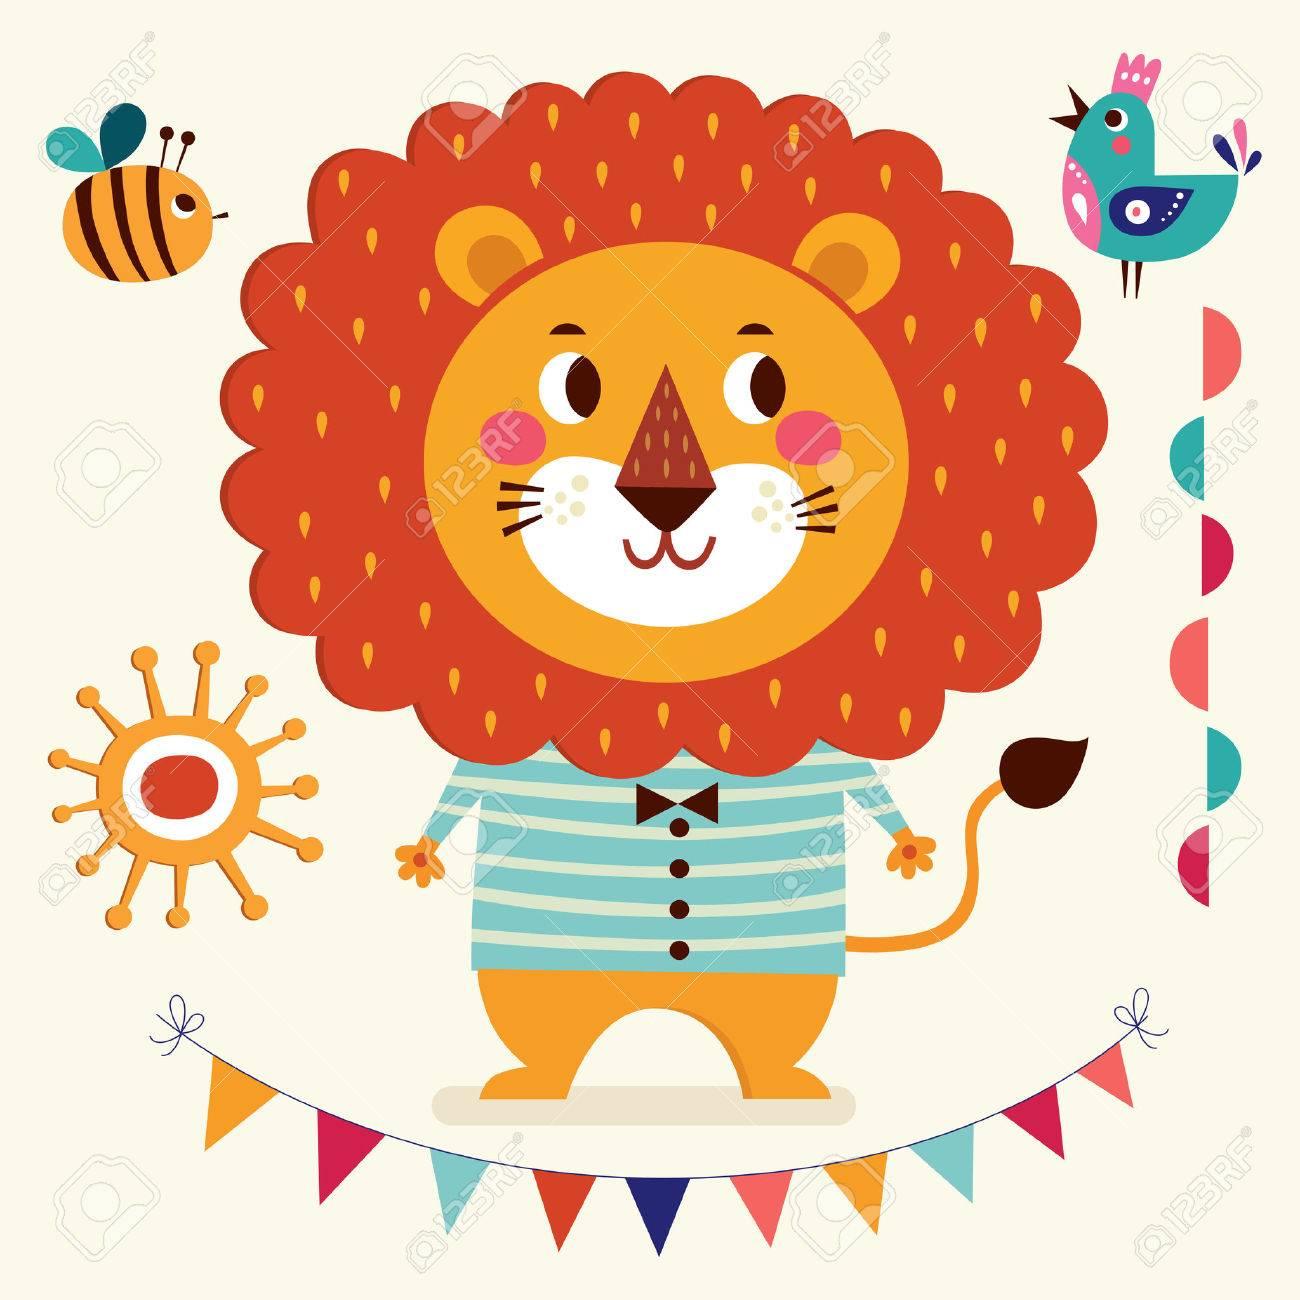 ベクトル イラスト漫画の素朴なスタイル素敵なかわいいライオンライオンの男の子と赤ちゃん誕生カード